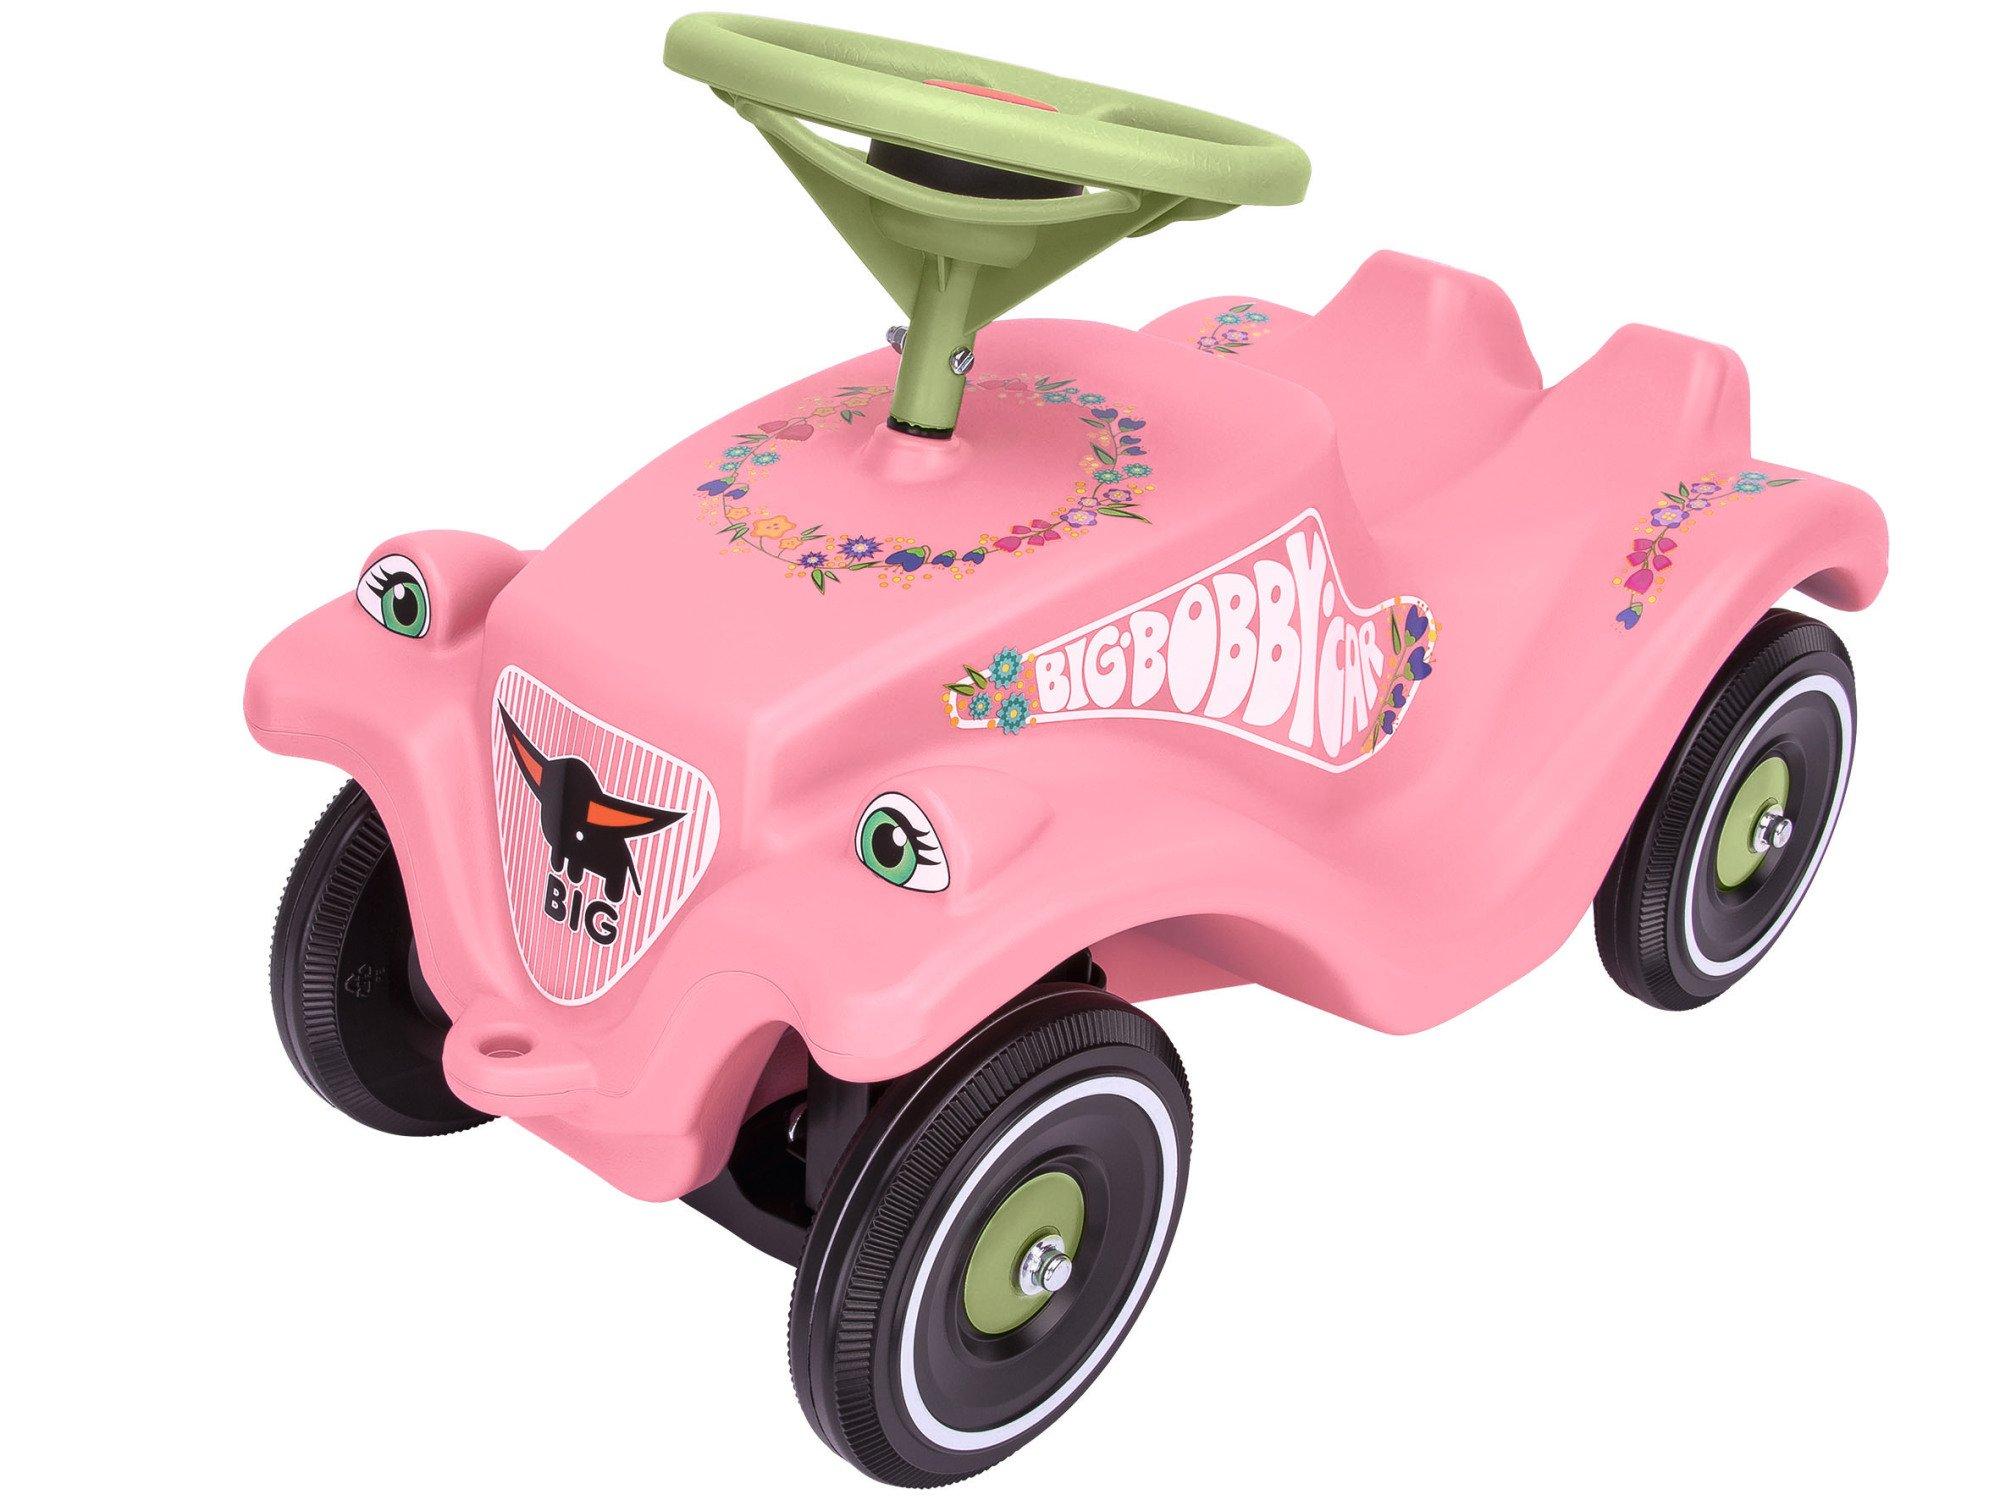 Kinderfahrzeuge Bobby Car Big Spielwarenfabrik Big 800001300 Big-bobby-car-trailer Rot Hohe QualitäT Und Geringer Aufwand